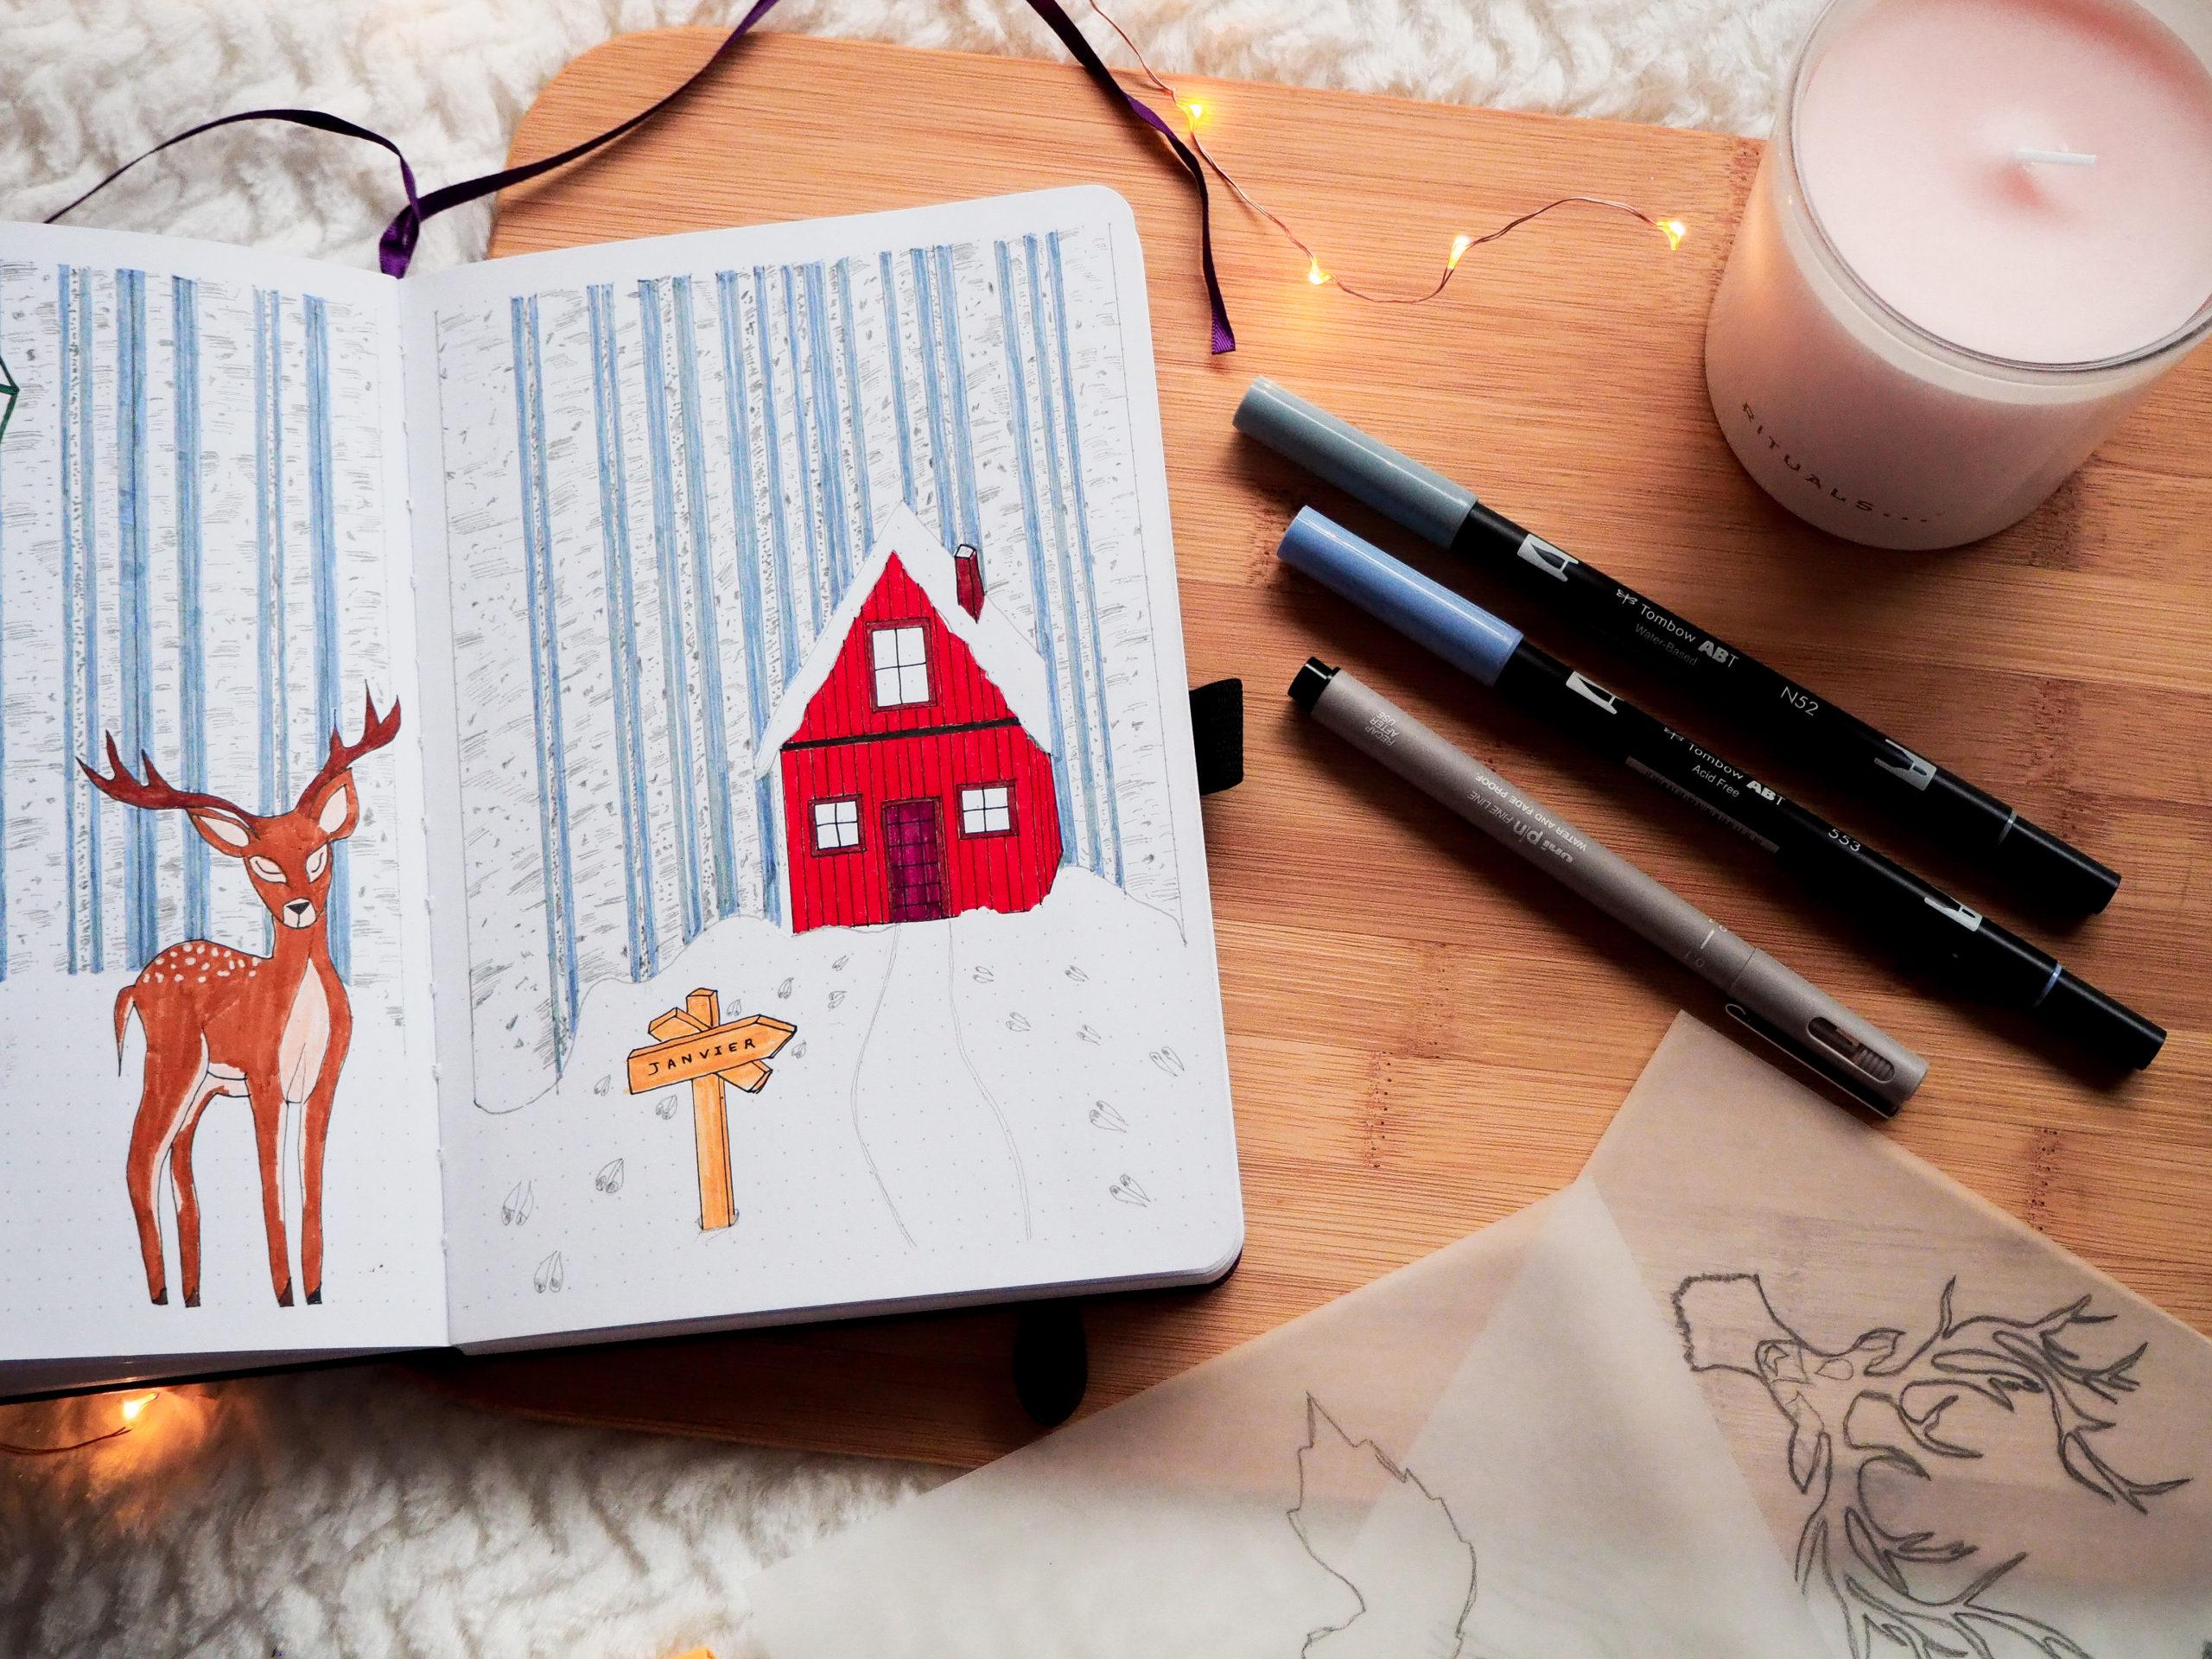 Winter-wonderland-red-cabin-forest-wood